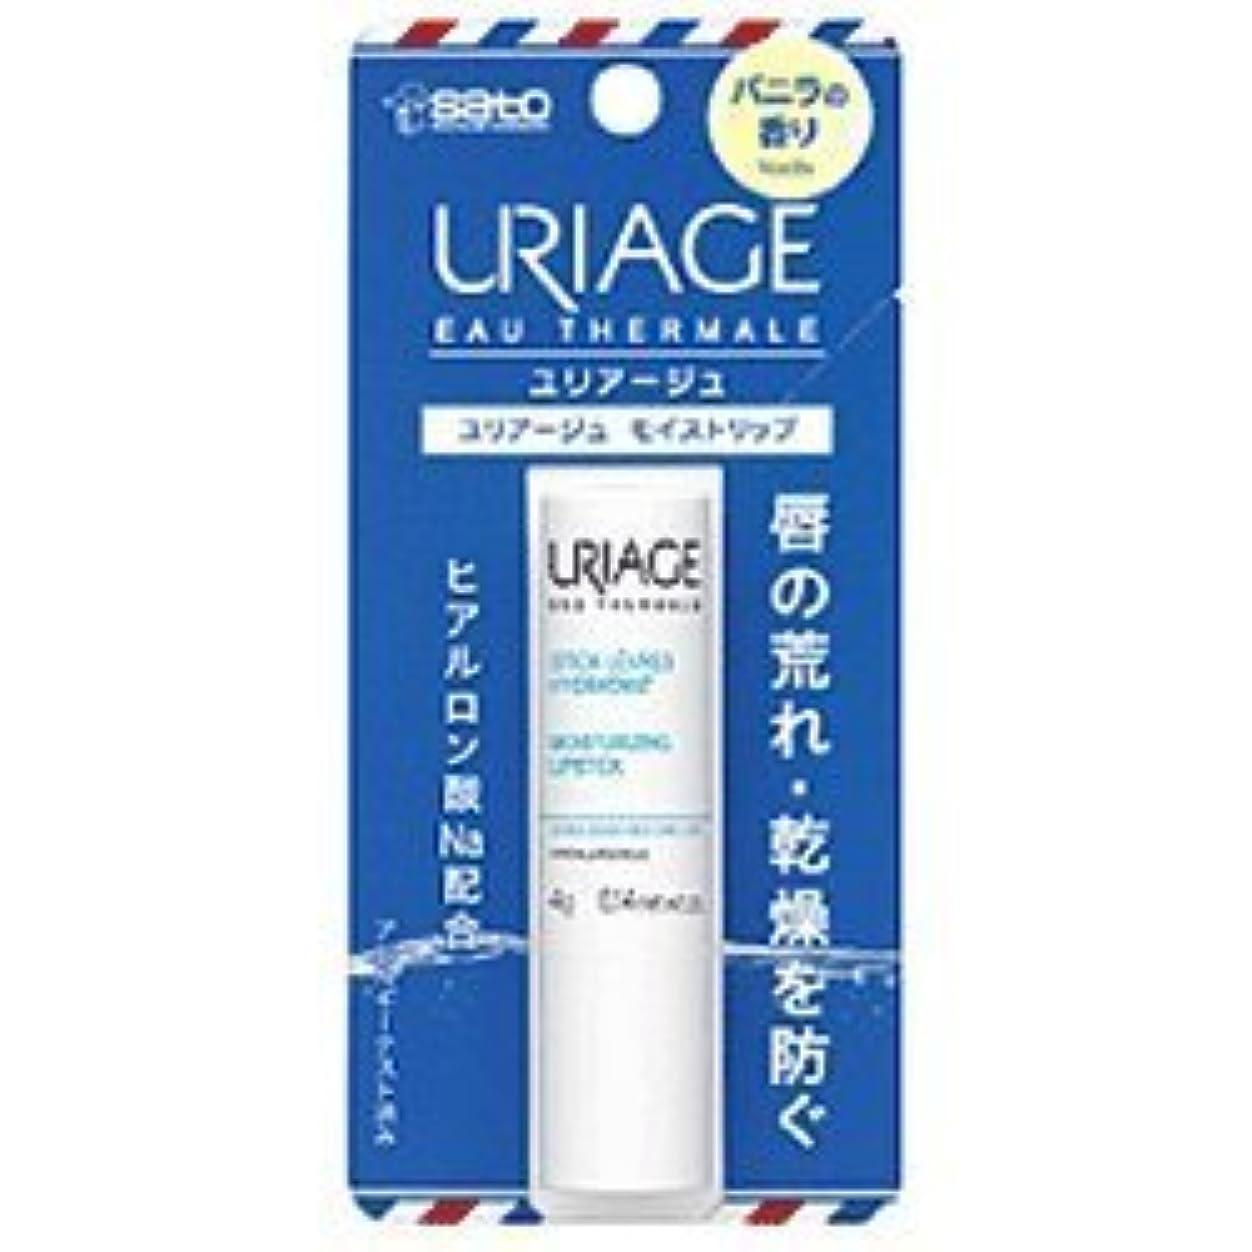 冷蔵する超高層ビル哲学的【2個セット】【佐藤製薬】URIAGE (ユリアージュ) モイストリップ 4g <バニラの香り>